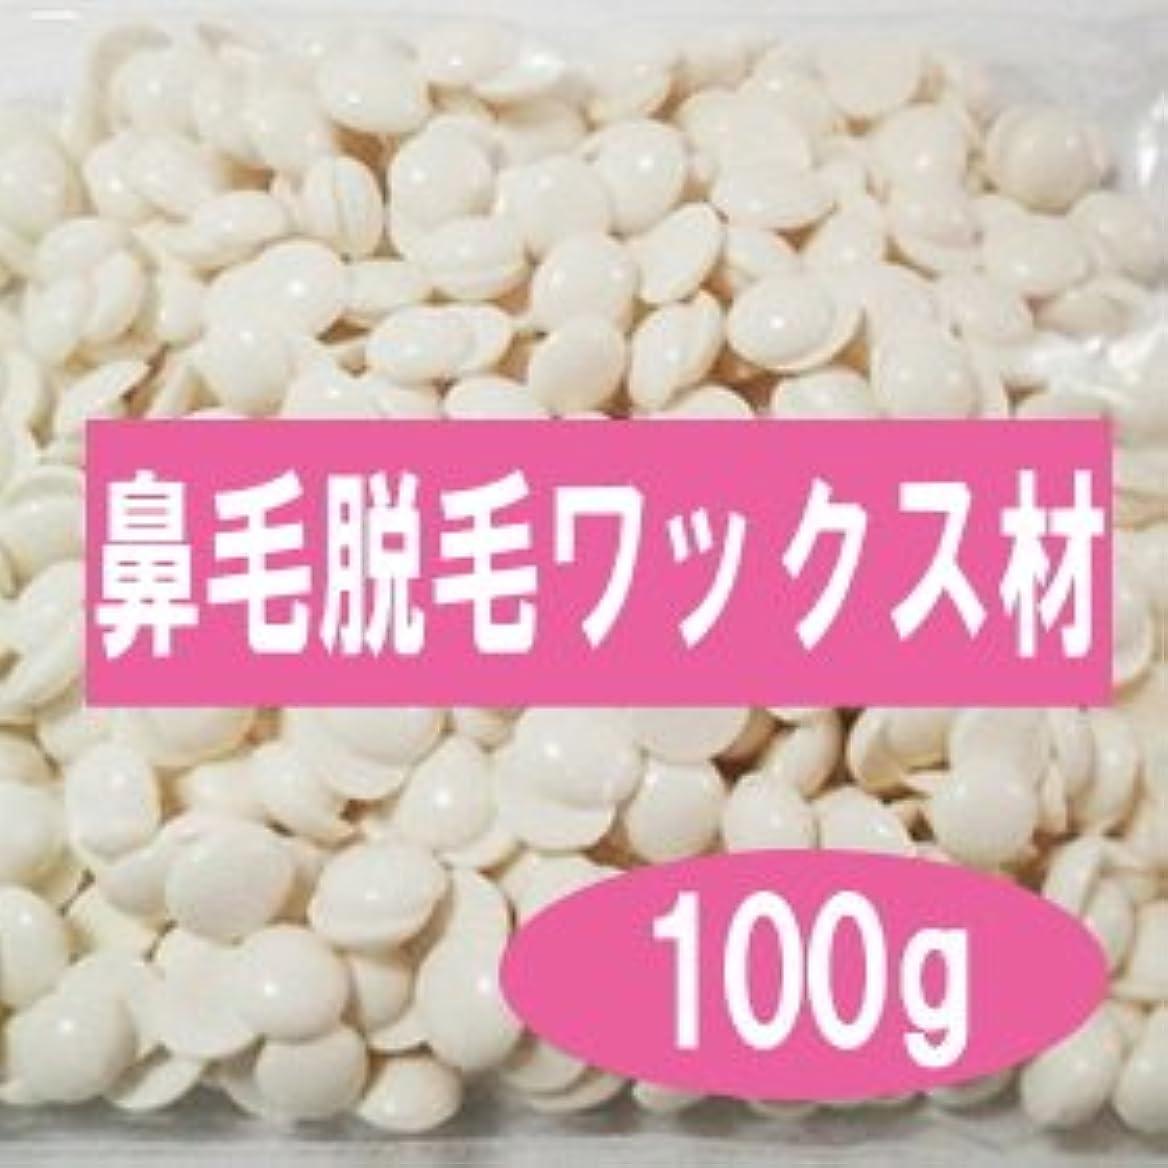 懐打ち上げるカウボーイ【約25回分】鼻毛脱毛ワックス材(ノーズワックス材) 100g